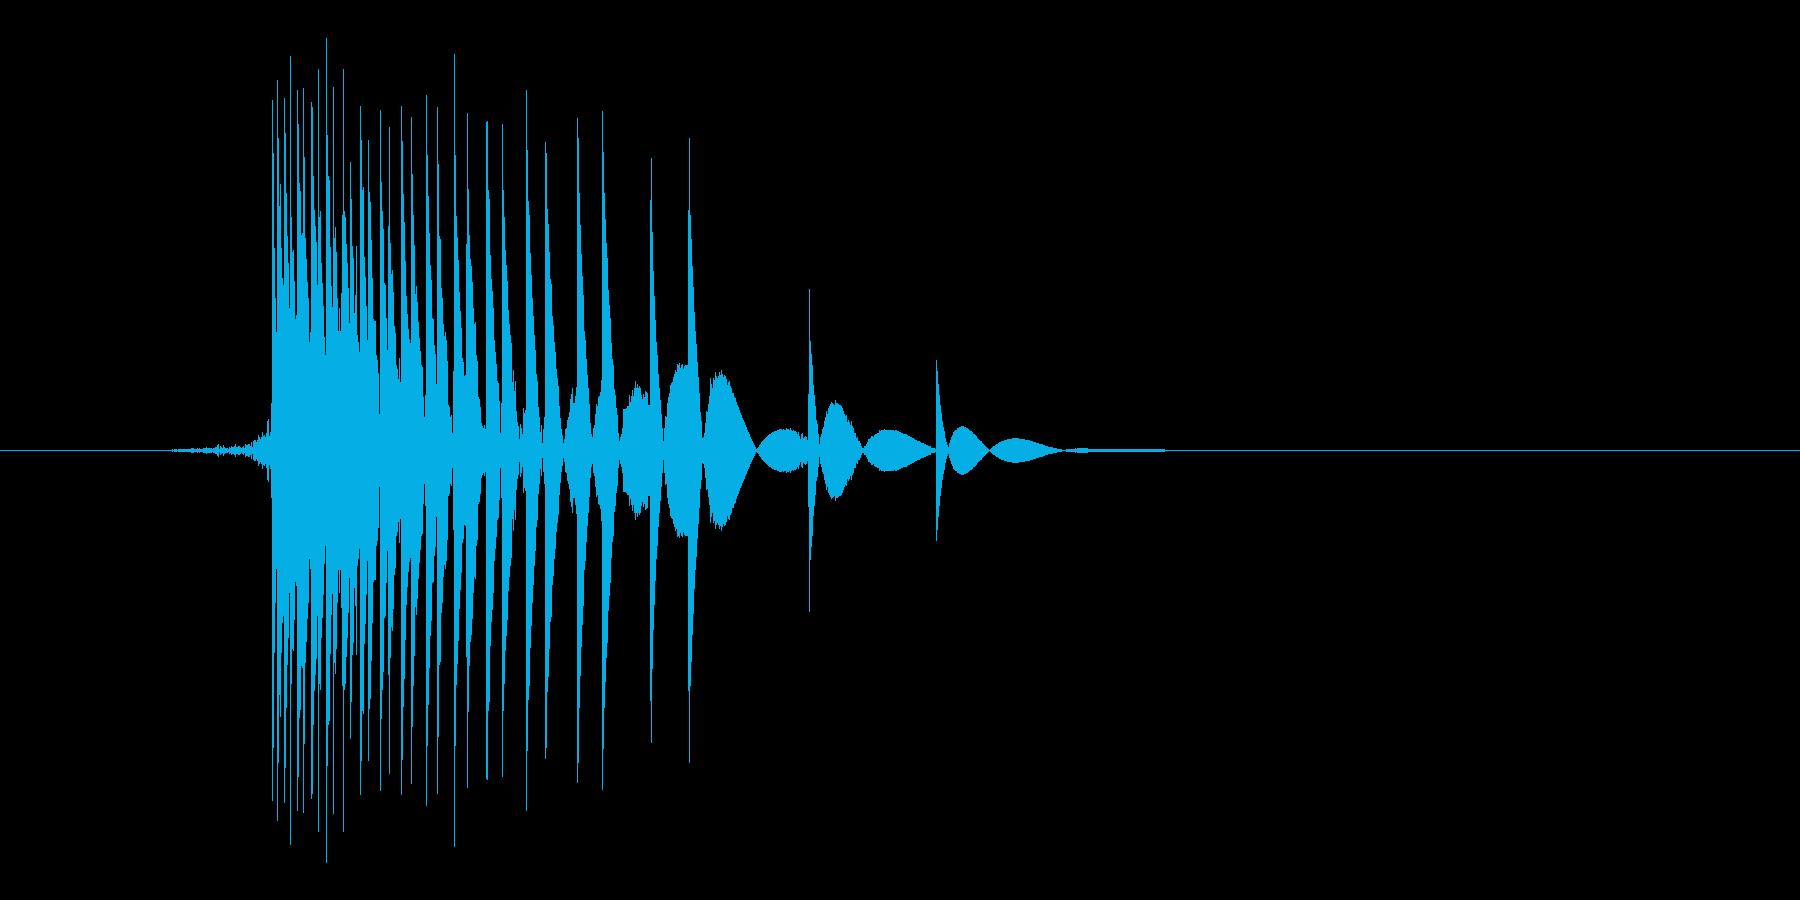 ゲーム(ファミコン風)ヒット音_012の再生済みの波形